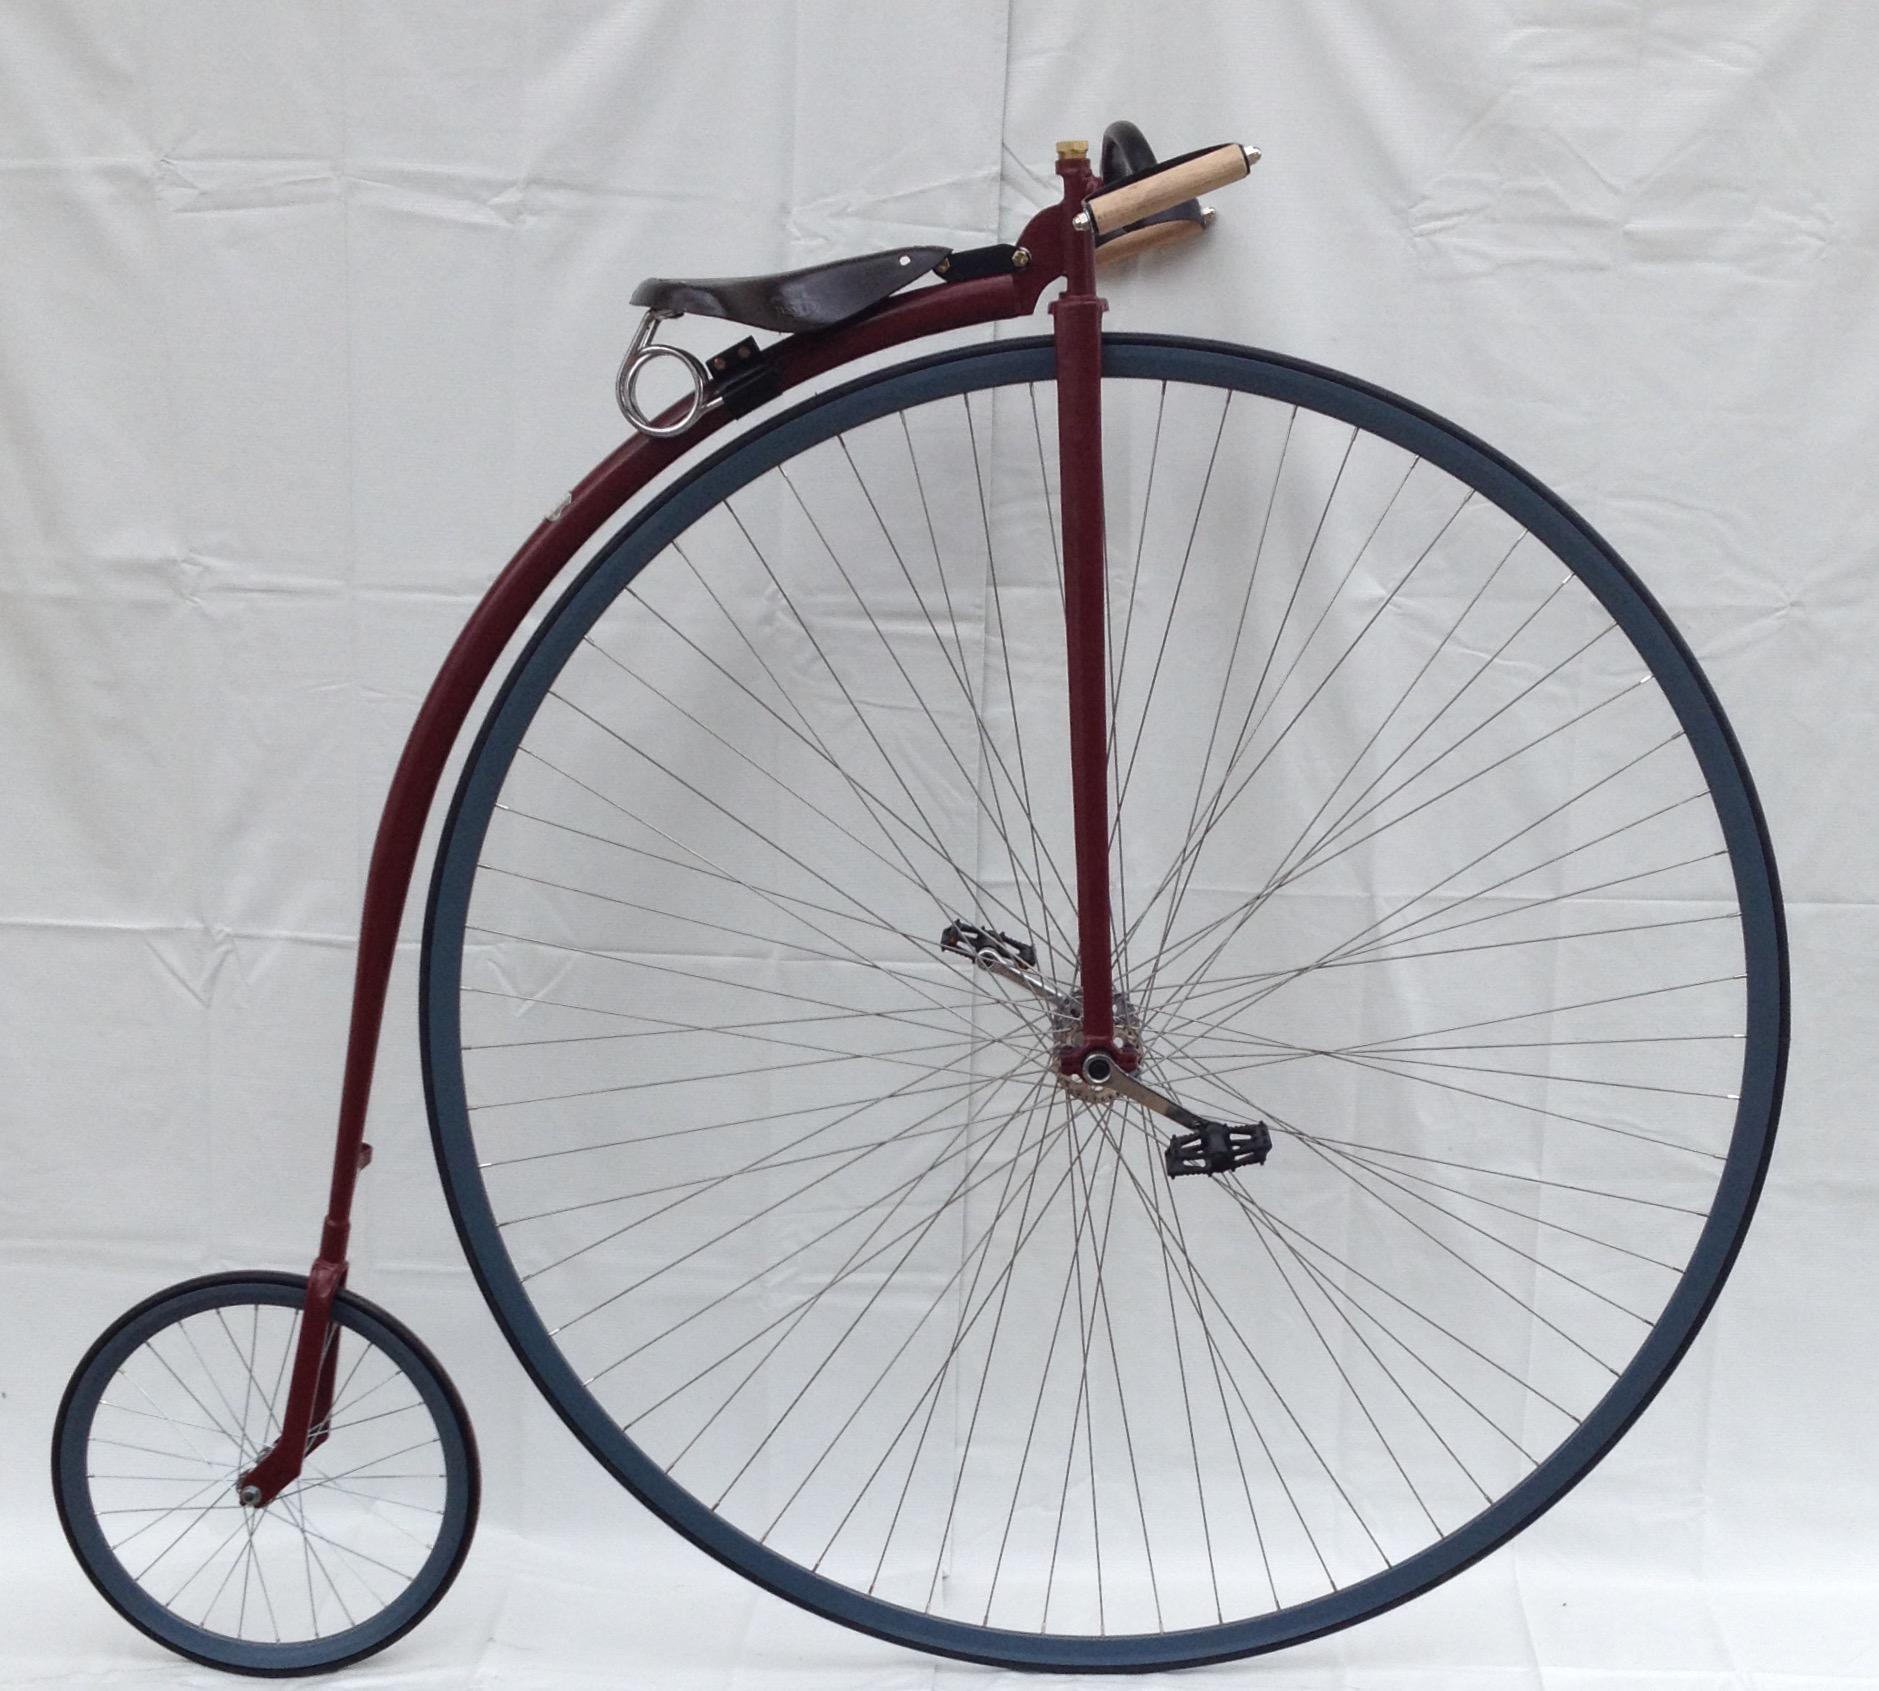 Highwheel Bicycle For Sale | Penny Farthing Dan